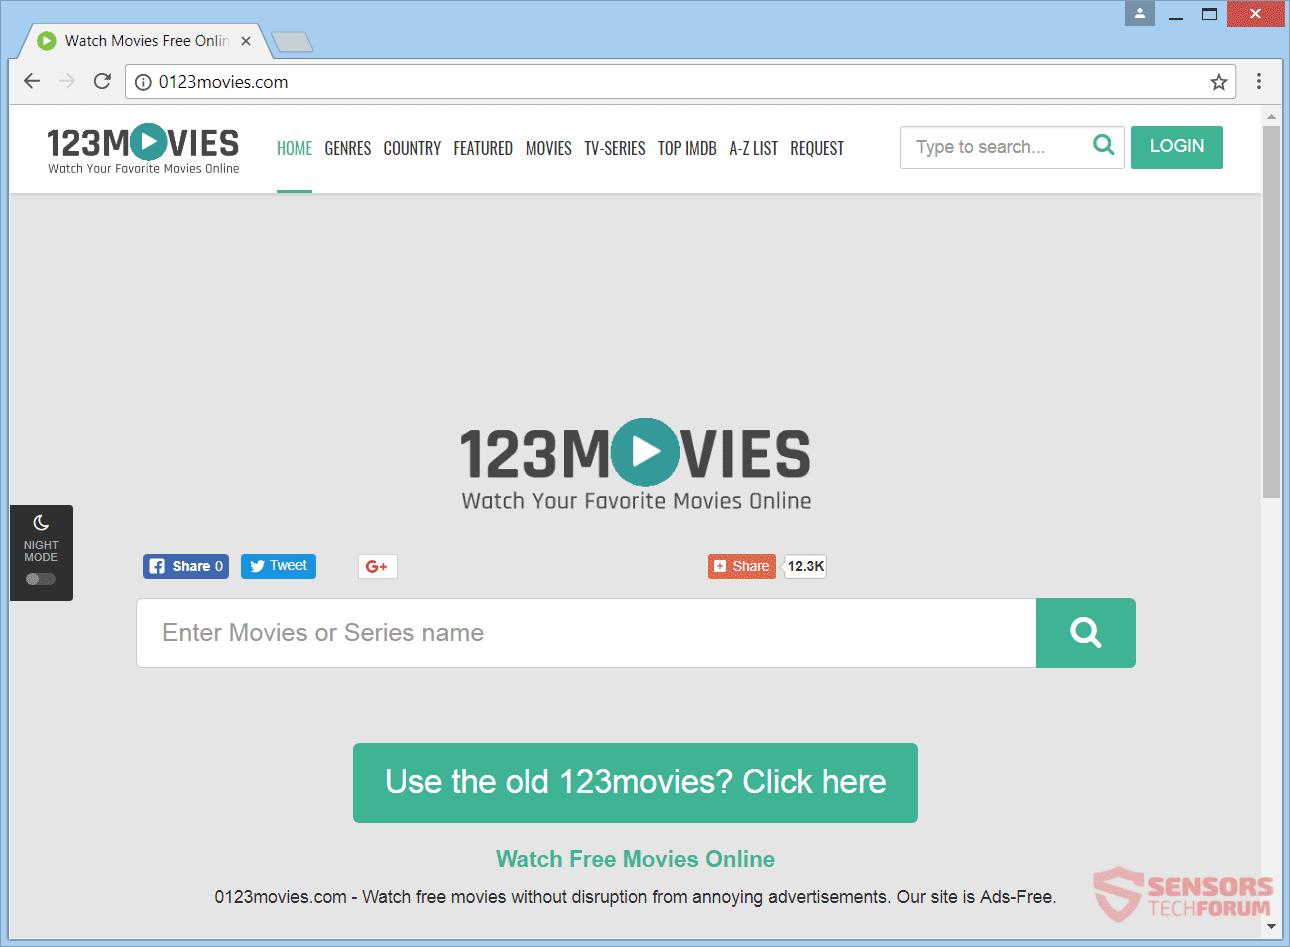 0123La eliminación movies.com redirección